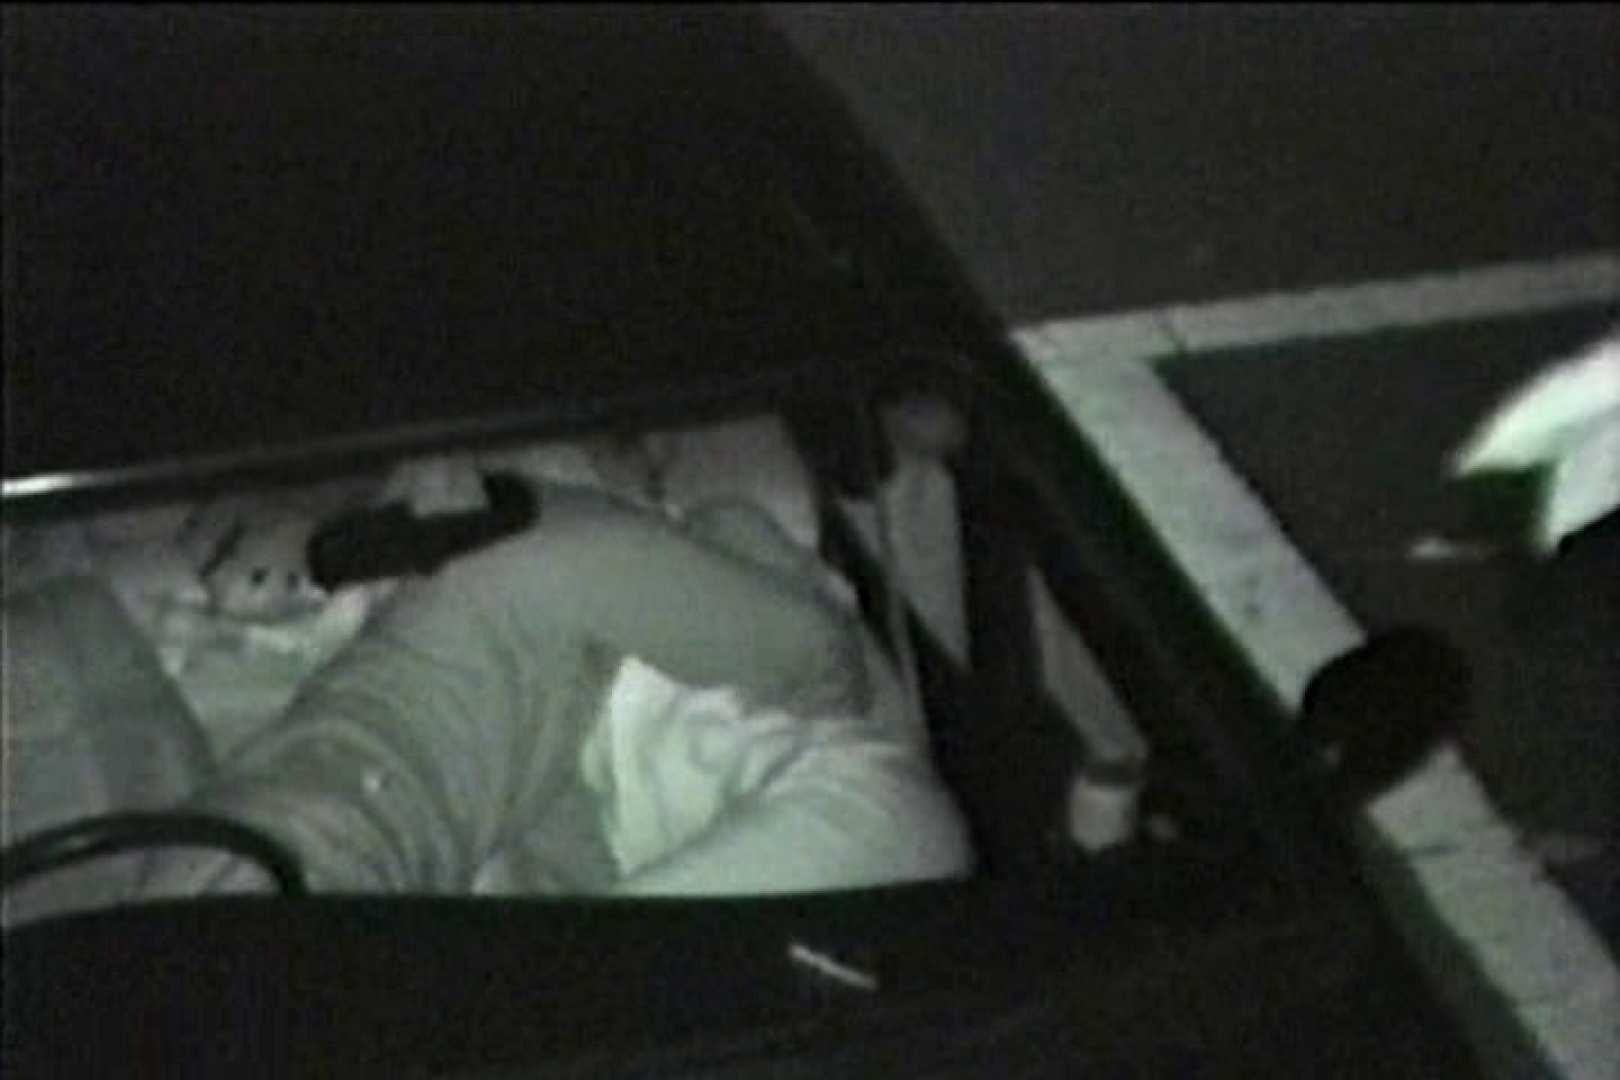 車の中はラブホテル 無修正版  Vol.7 接写 盗撮アダルト動画キャプチャ 96連発 74